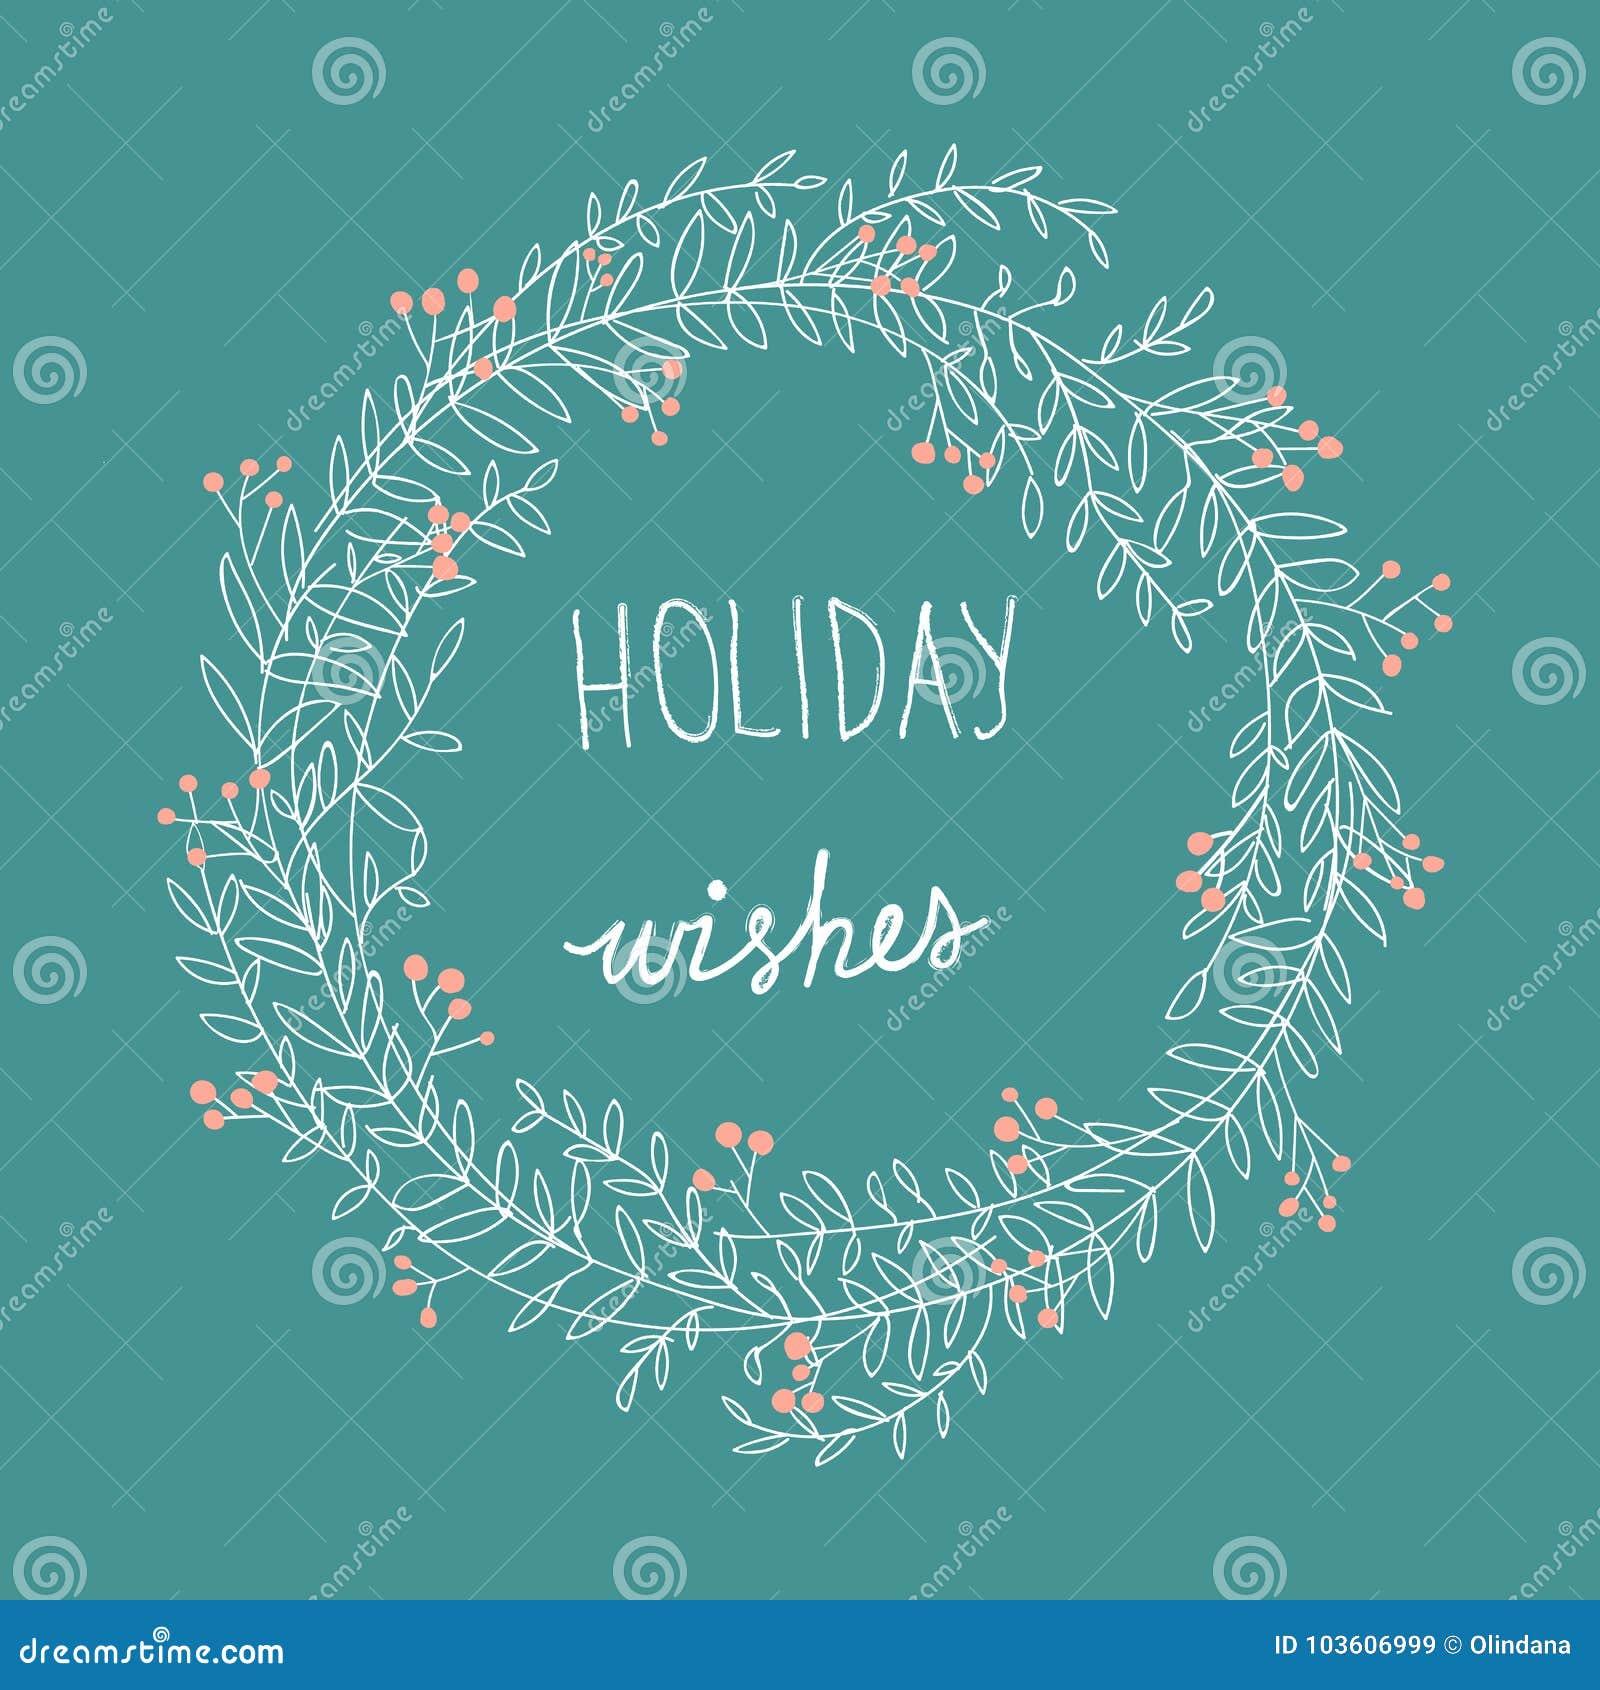 Hand gezeichnete nachlässige Gekritzel-weiße Weihnacht windt rote Holly Berries Holiday Wishes Lettering Überlagert, einfach zu b